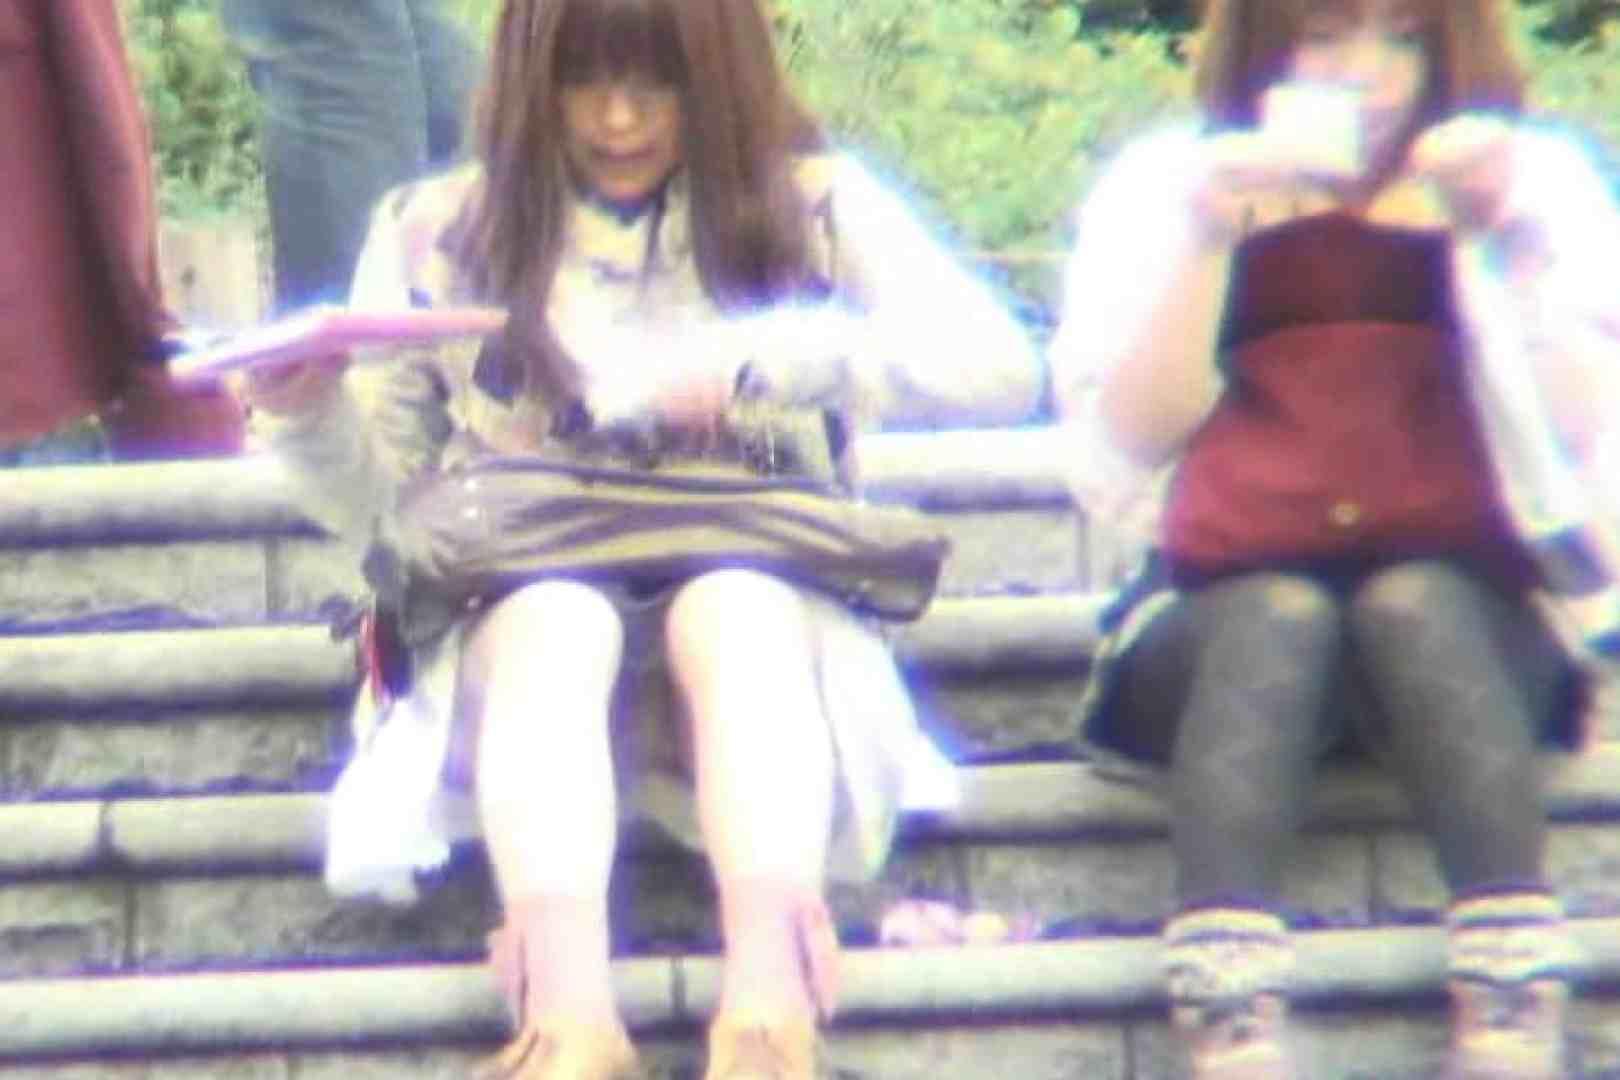 超最新版!春夏秋冬 vol.04 女子大生丸裸 ワレメ動画紹介 97pic 95